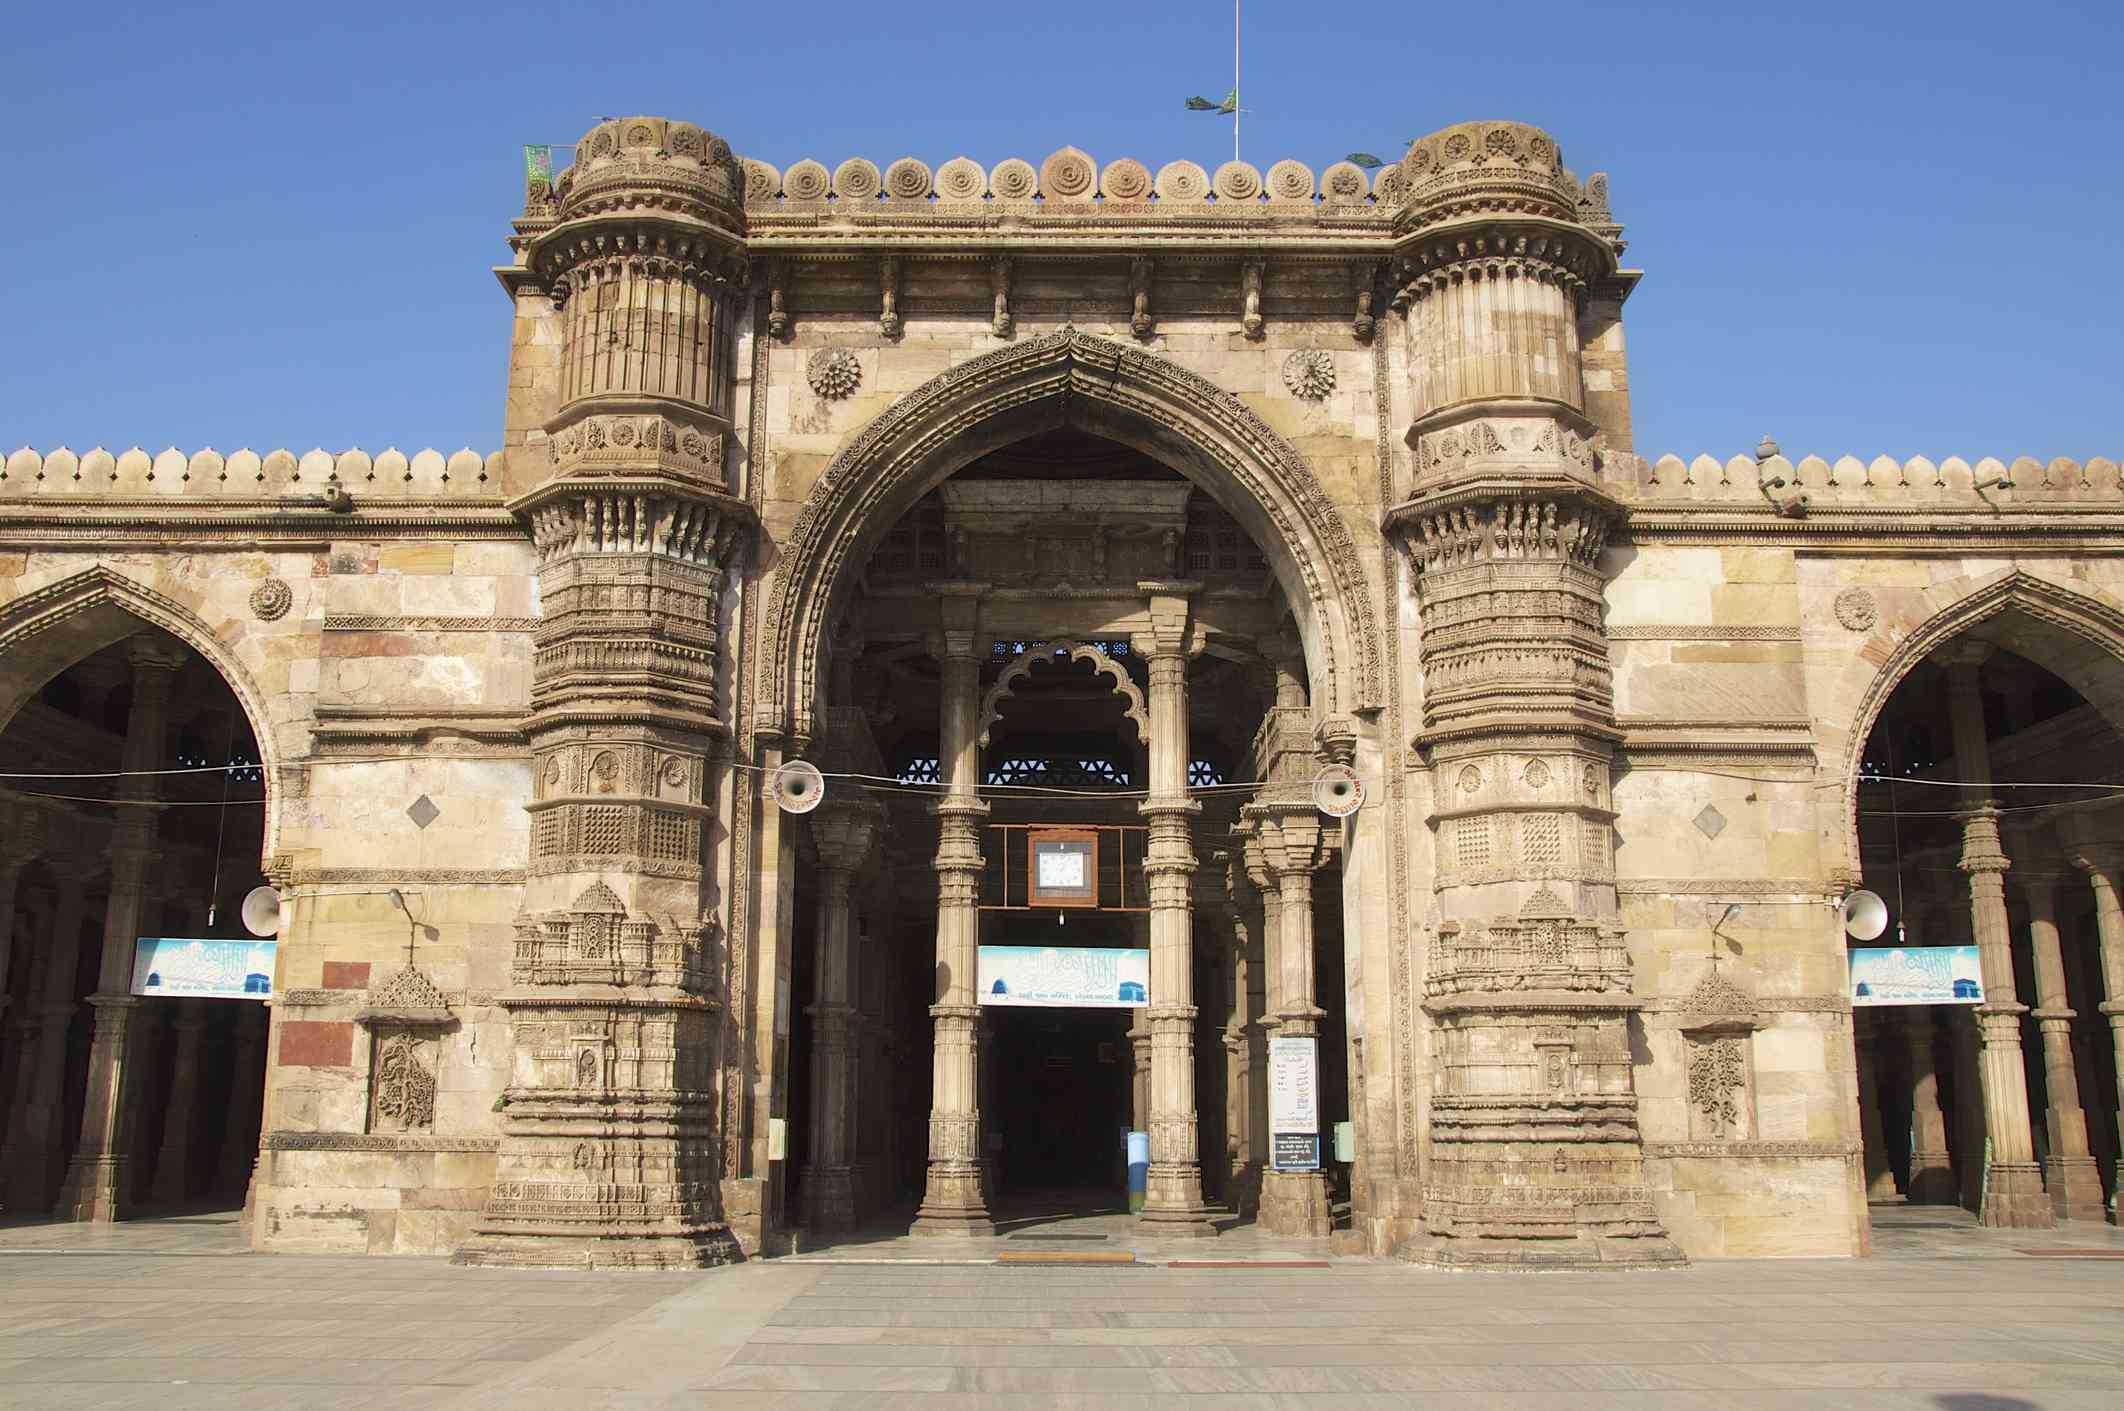 Jama Masjid, Mosque, Ahmedabad, Gujarat, India